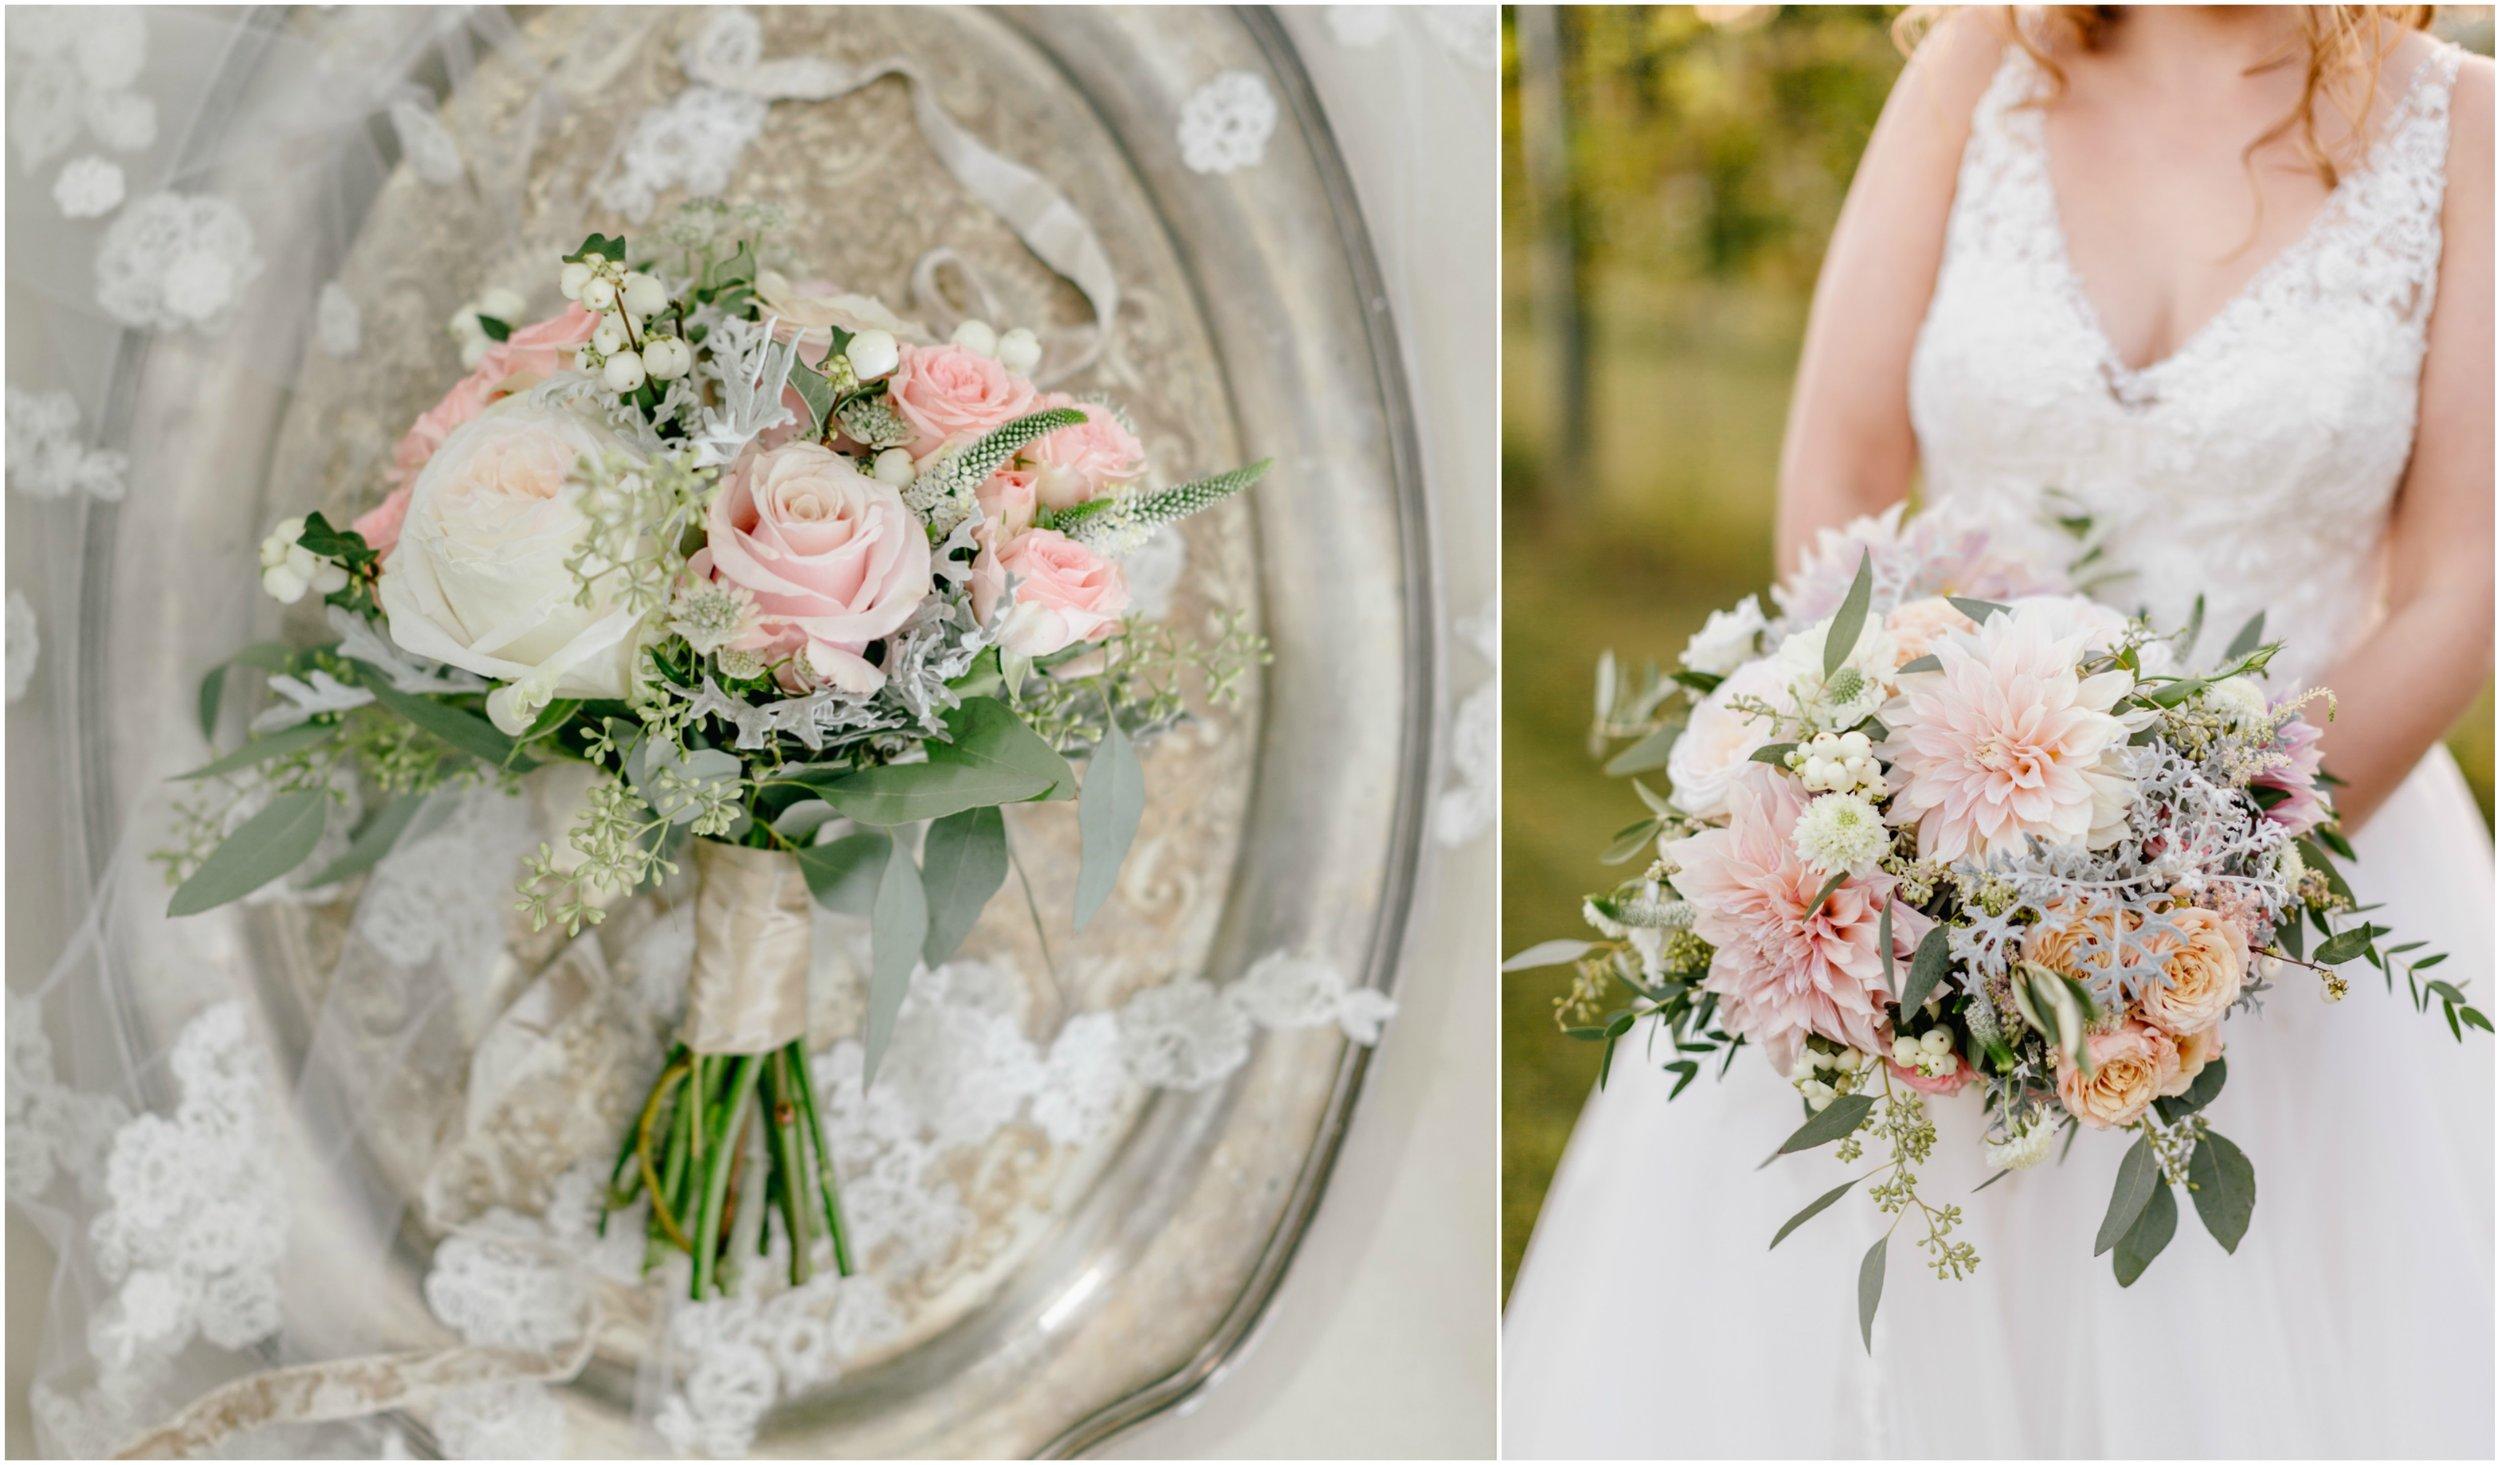 haley bouquet